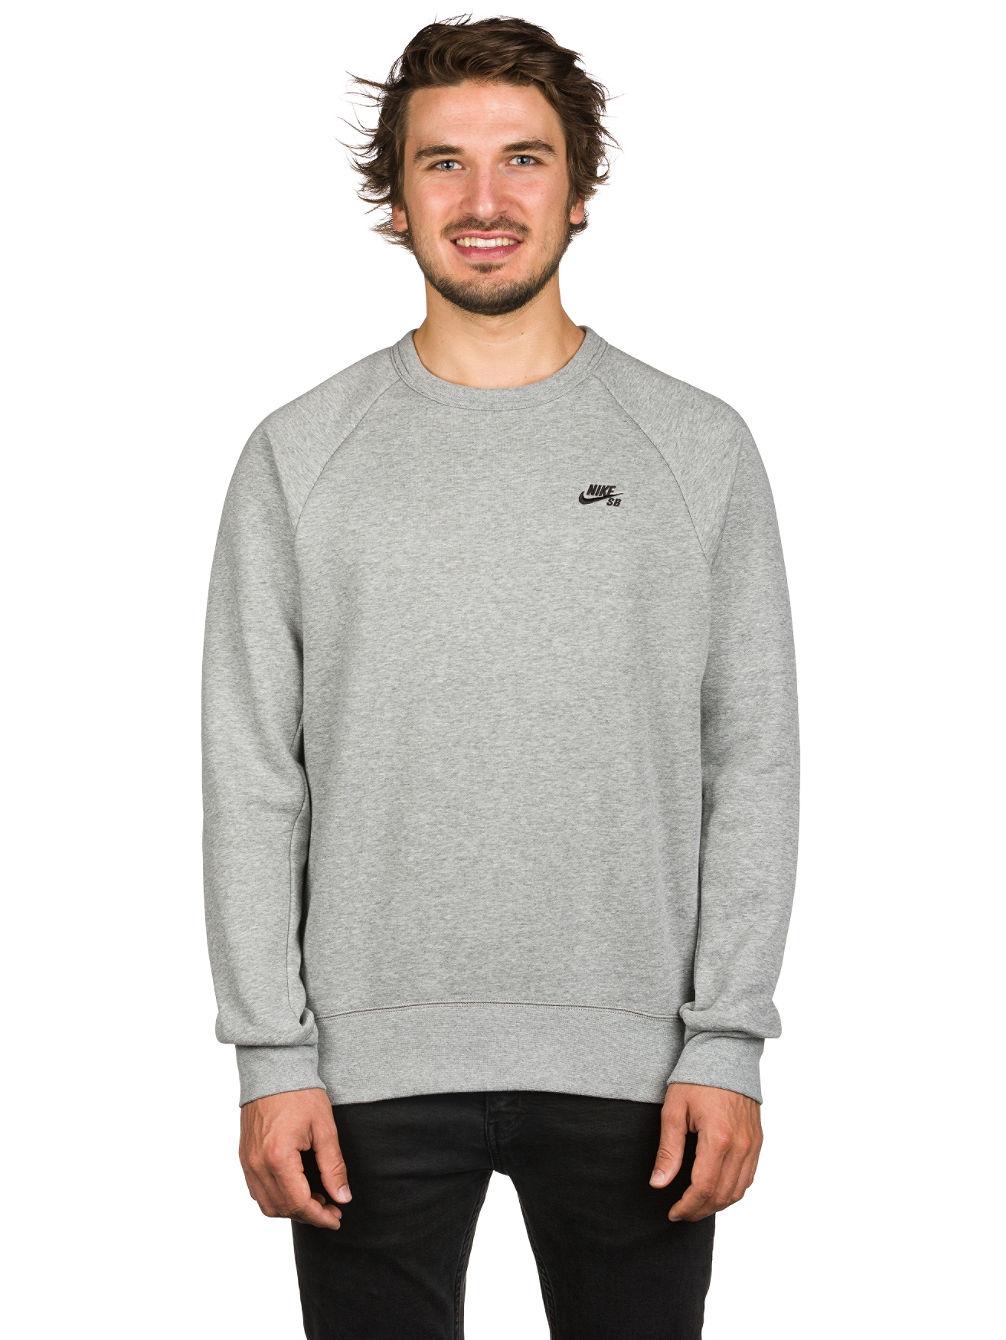 Nike NK SB Icon Top Sweater